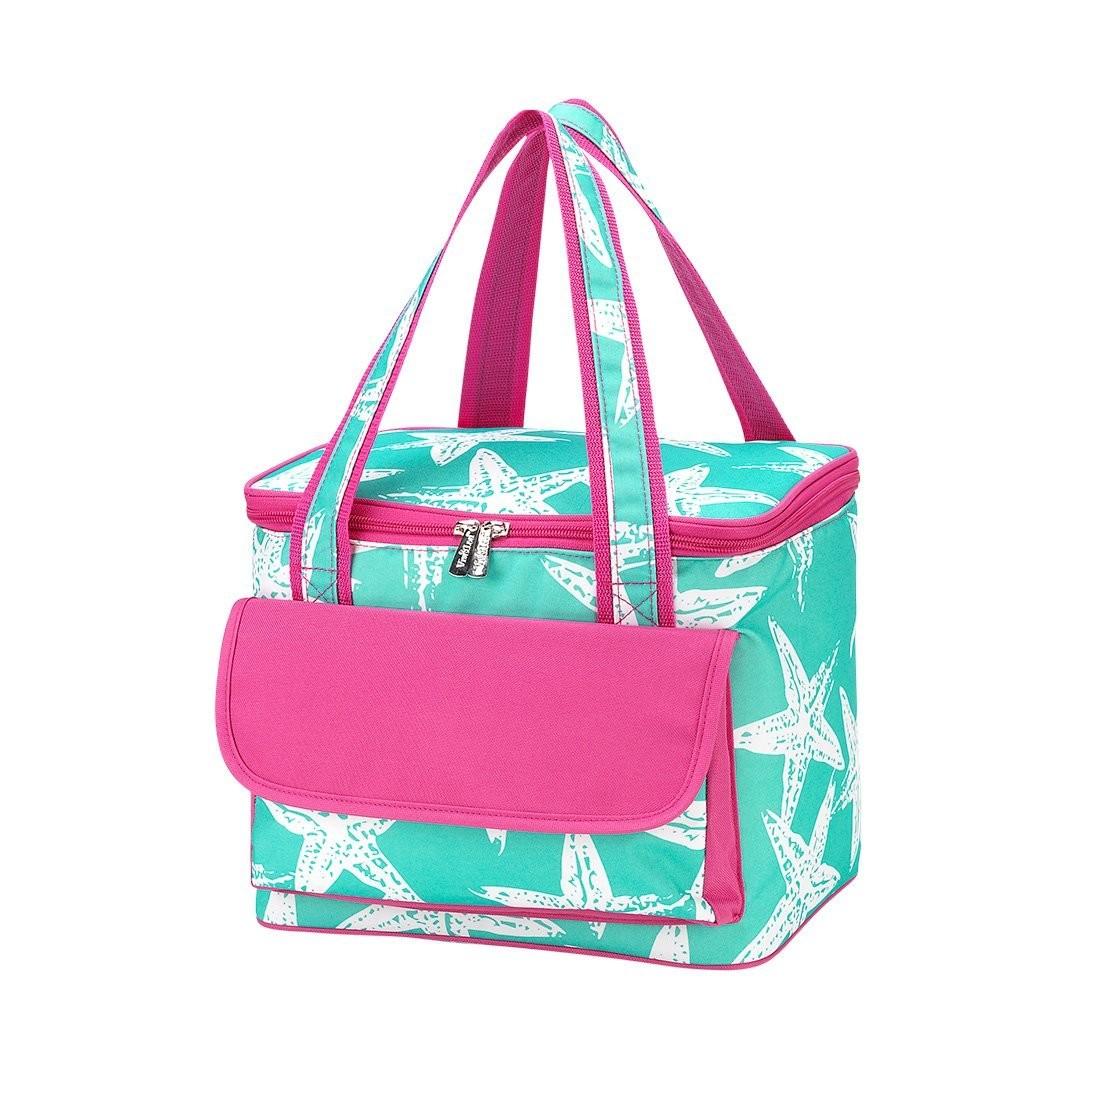 Sea Star Cooler Bag